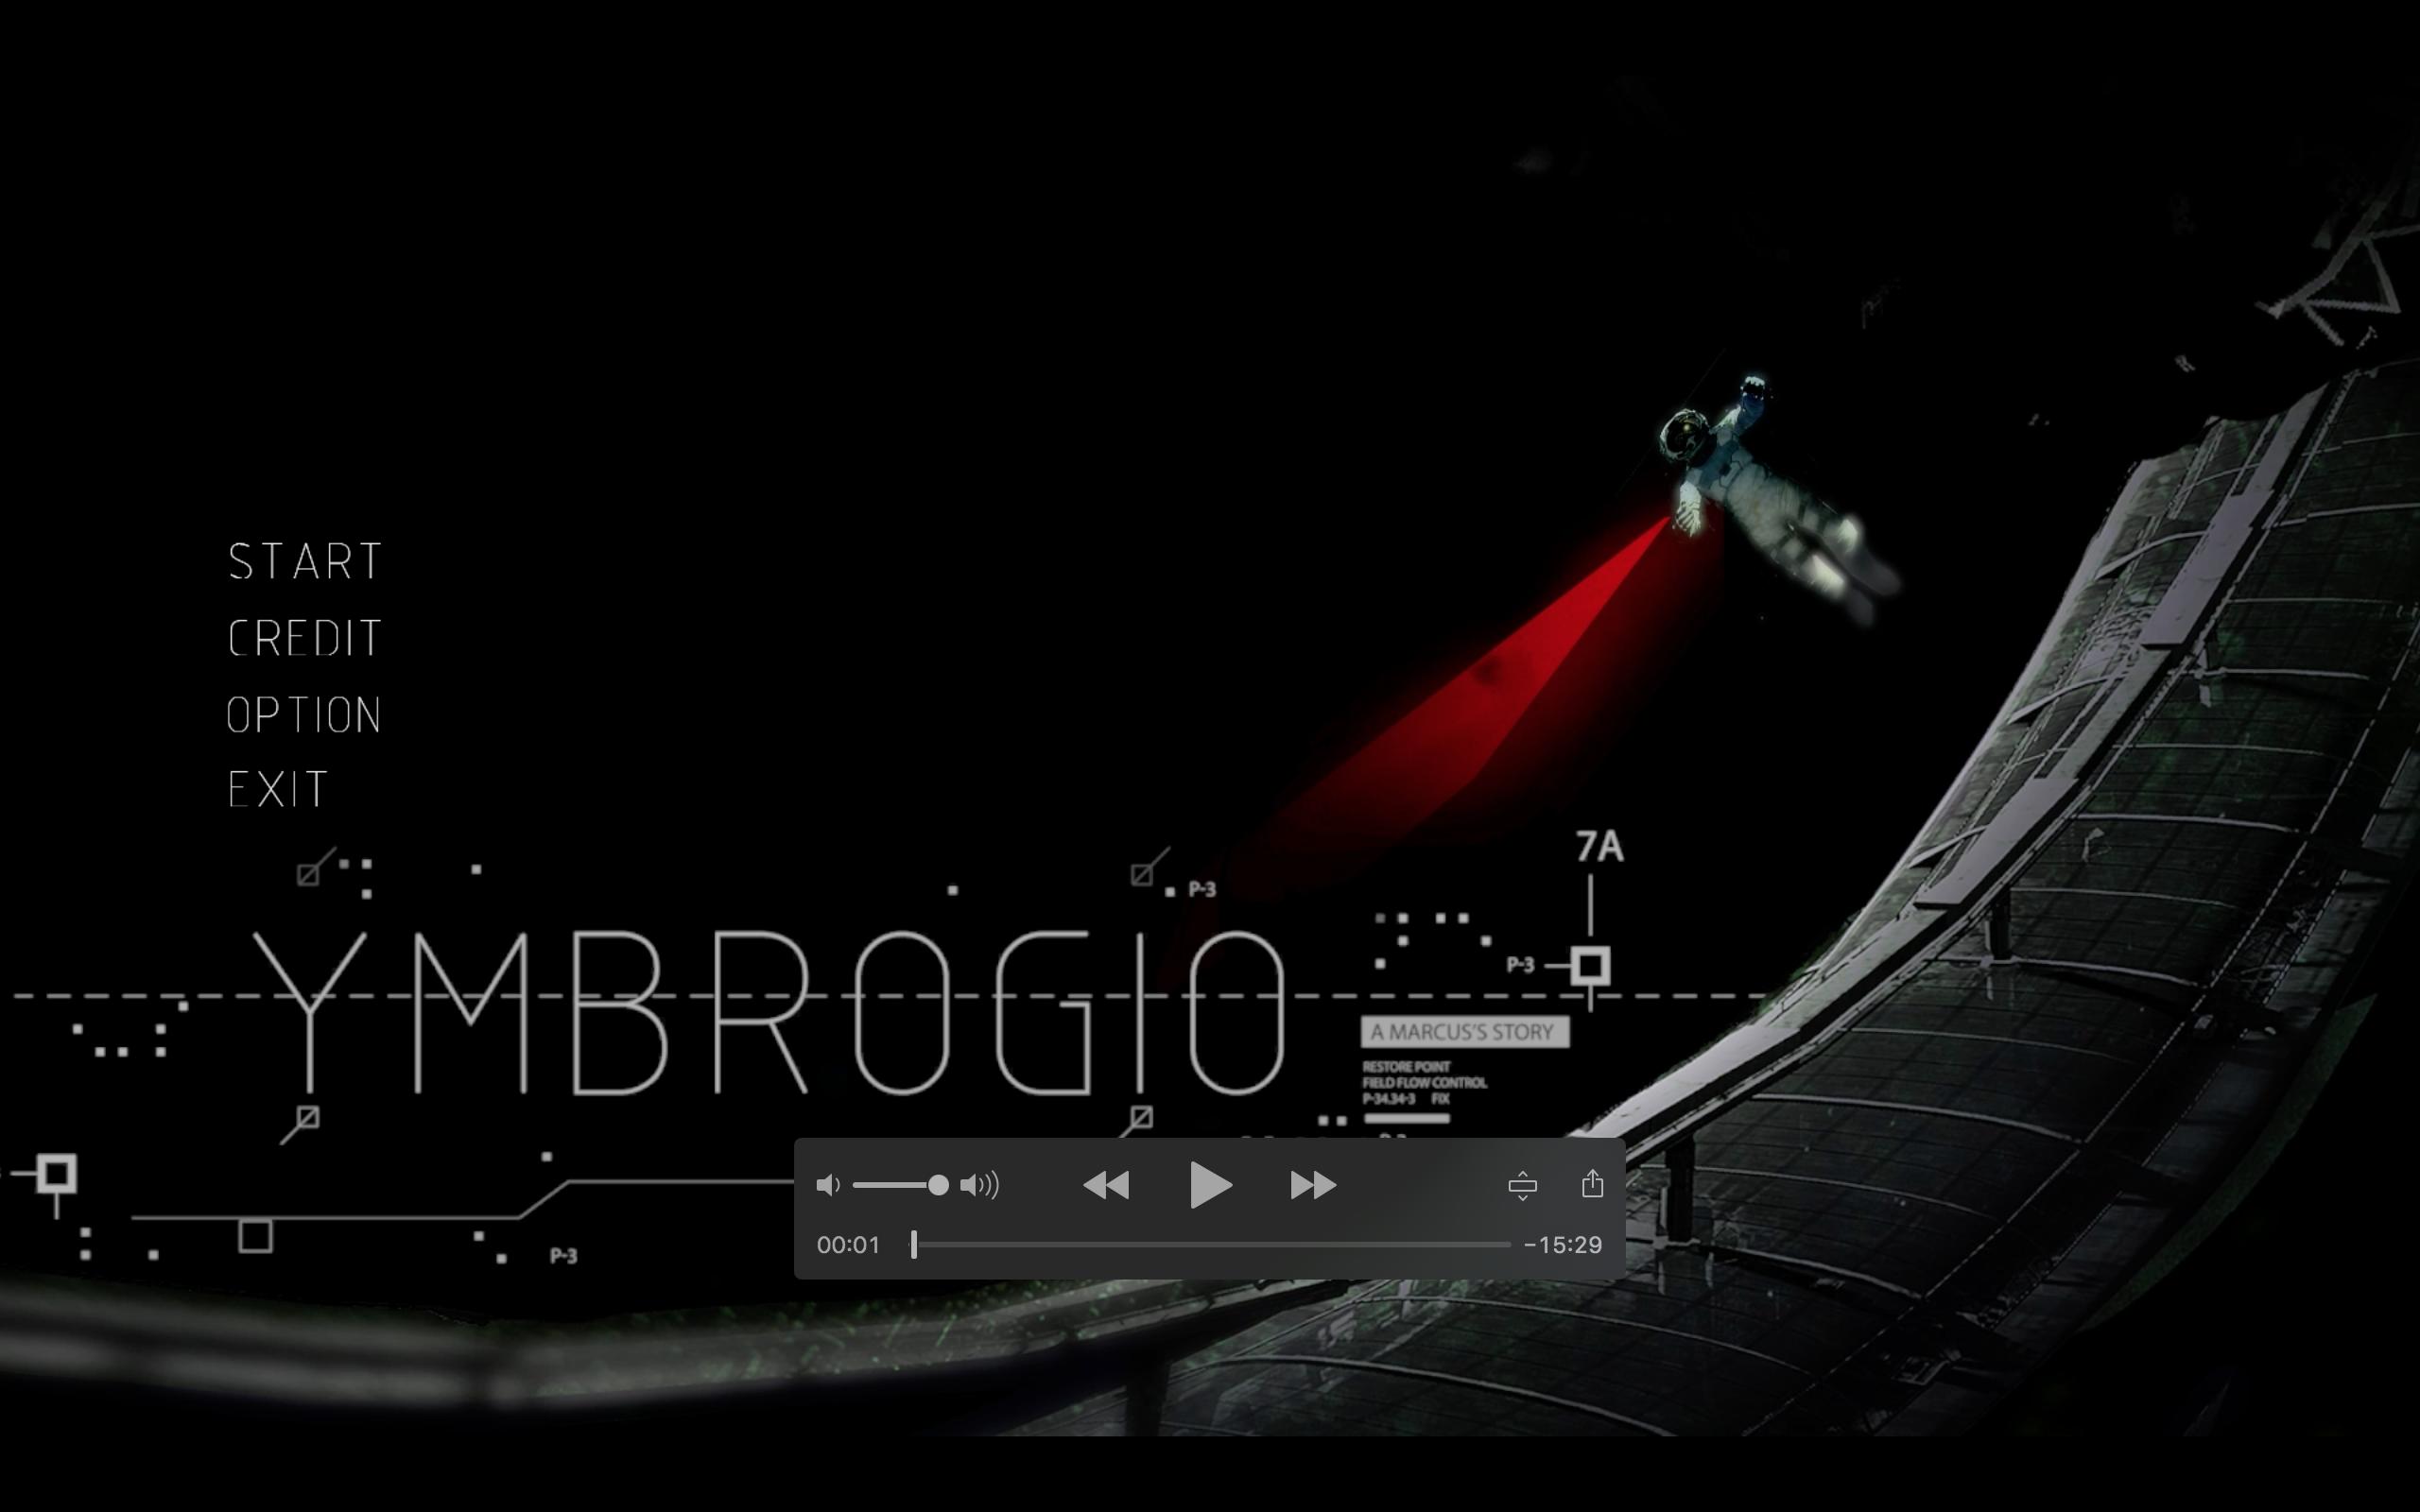 Ymbroglio(Rebuild)